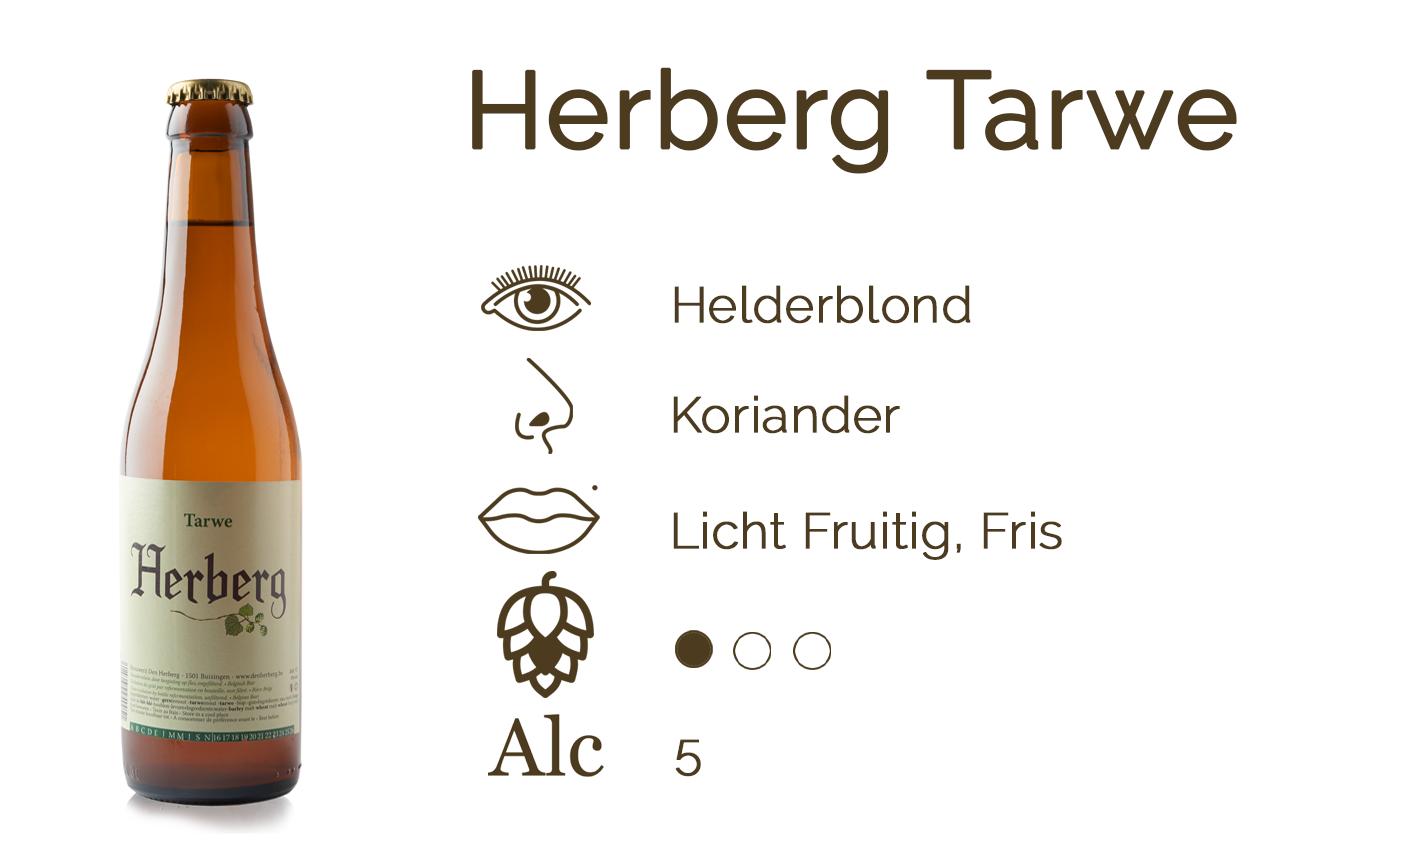 Smaakfiche Herberg Tarwe